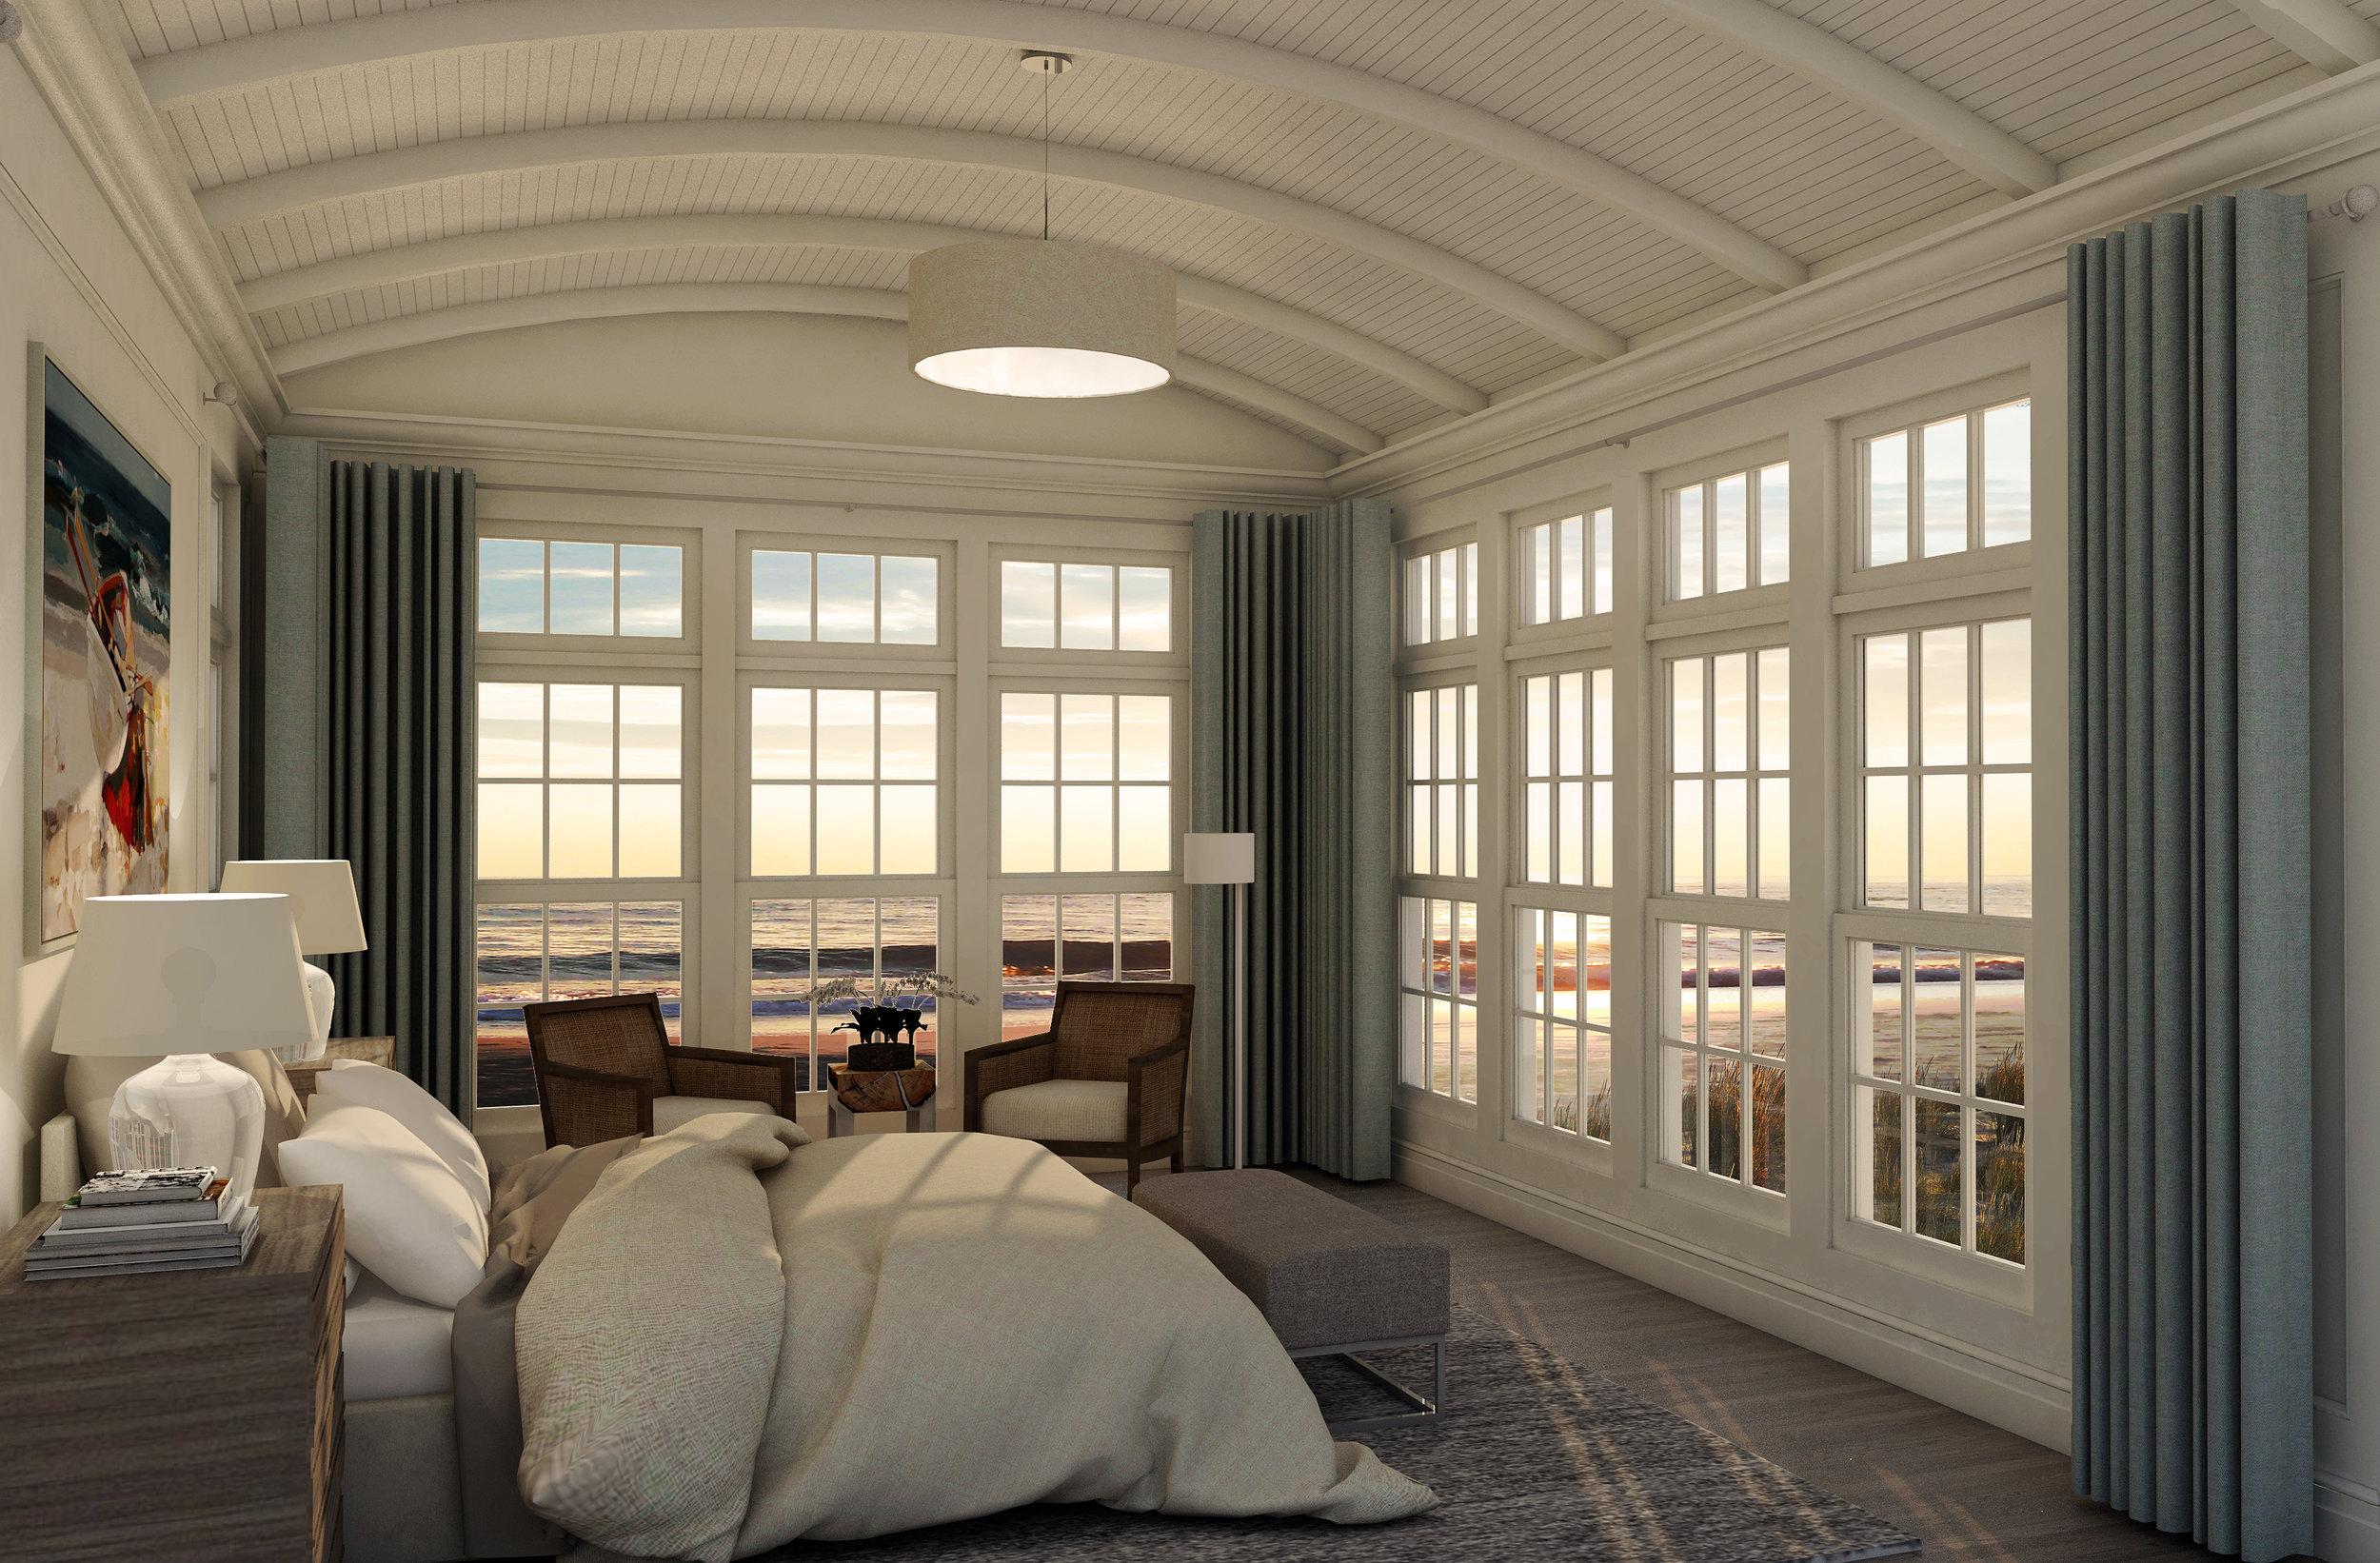 Cote-Kelly master bedroom4.jpg